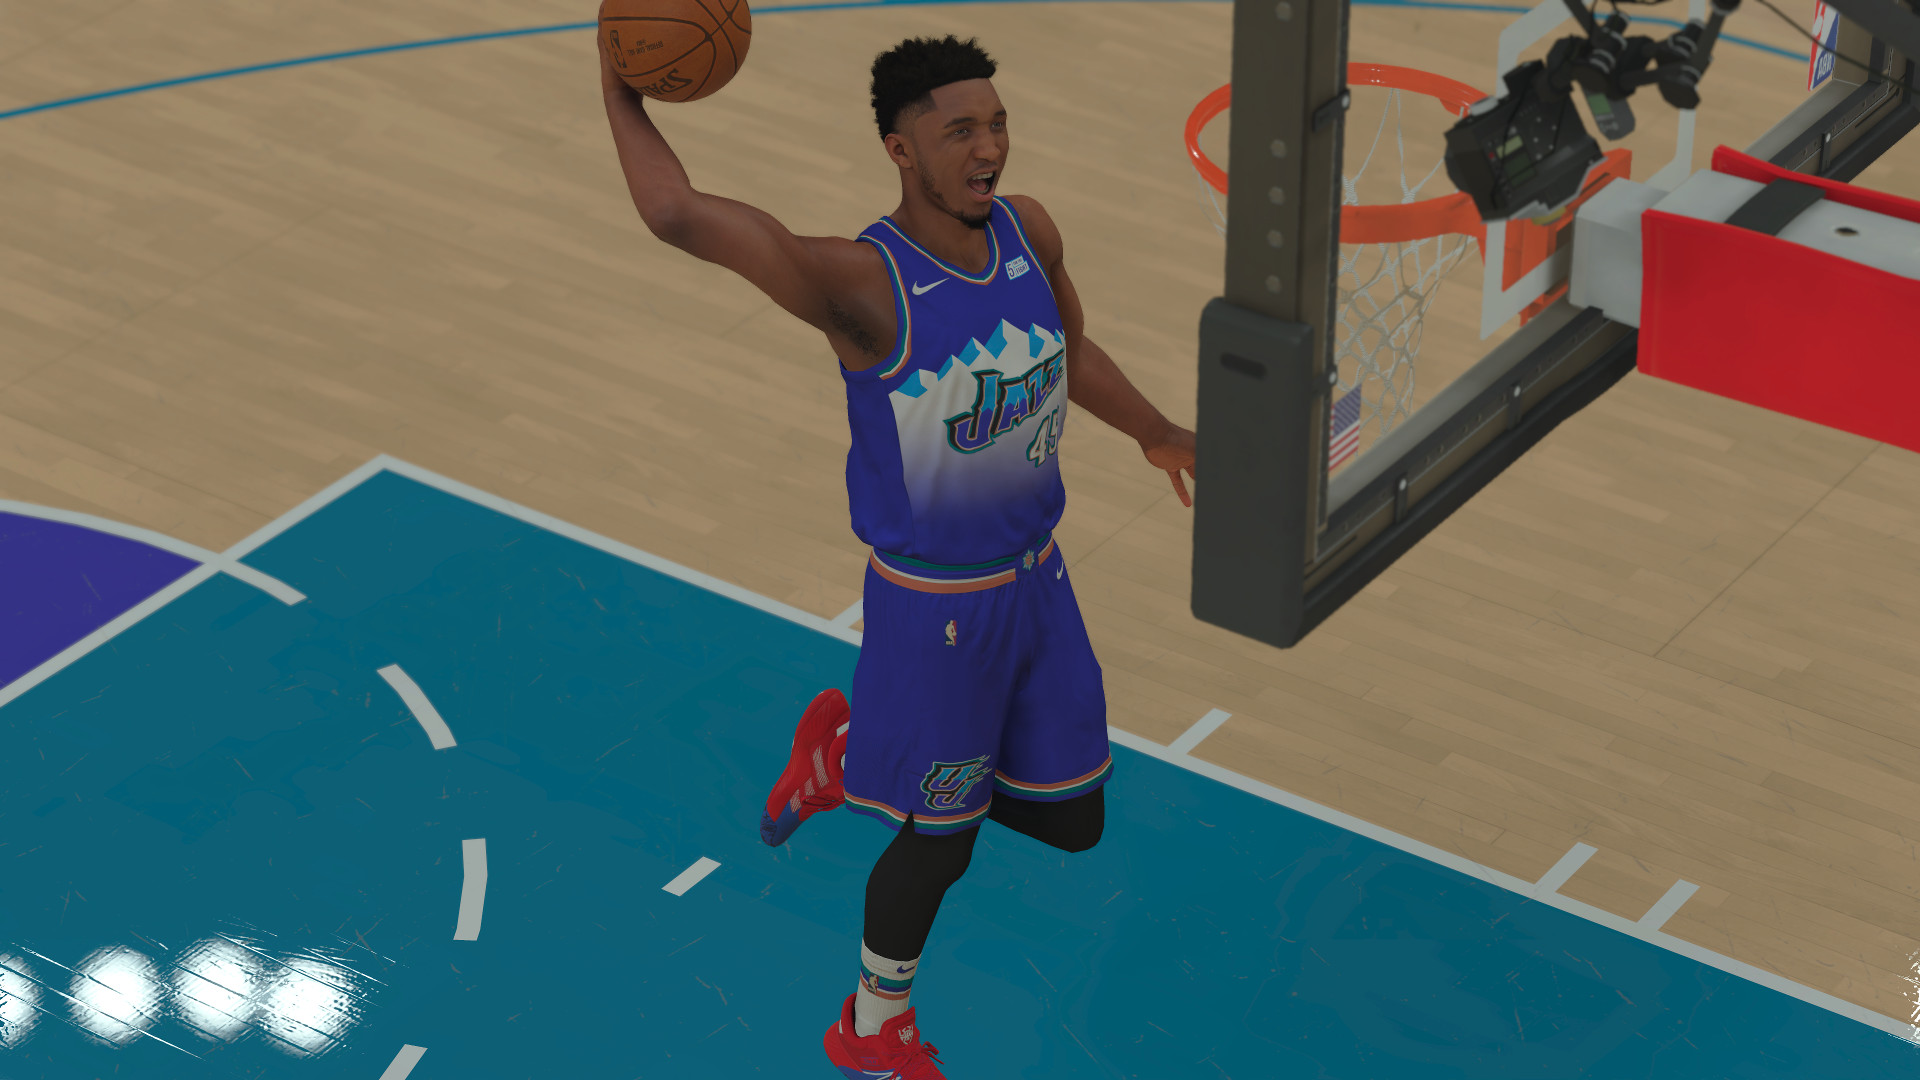 Probabilidades del torneo 'NBA 2K': favoritos entre paréntesis, apuestas de apoyo para el Torneo de jugadores 2020 52